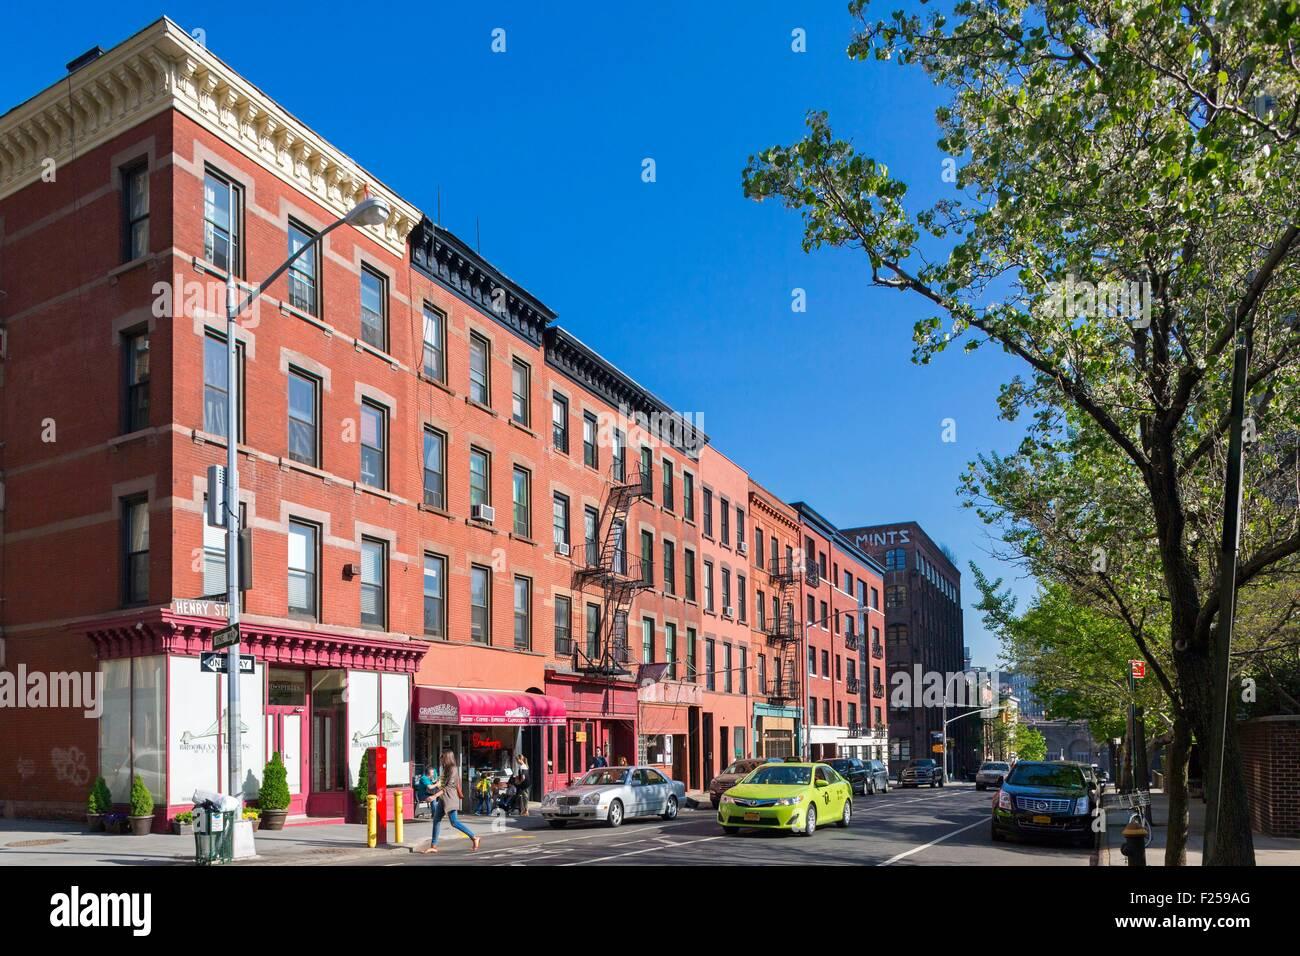 Estados Unidos, Nueva York, Brooklyn, Brooklyn Heights, Cadman Plaza Imagen De Stock